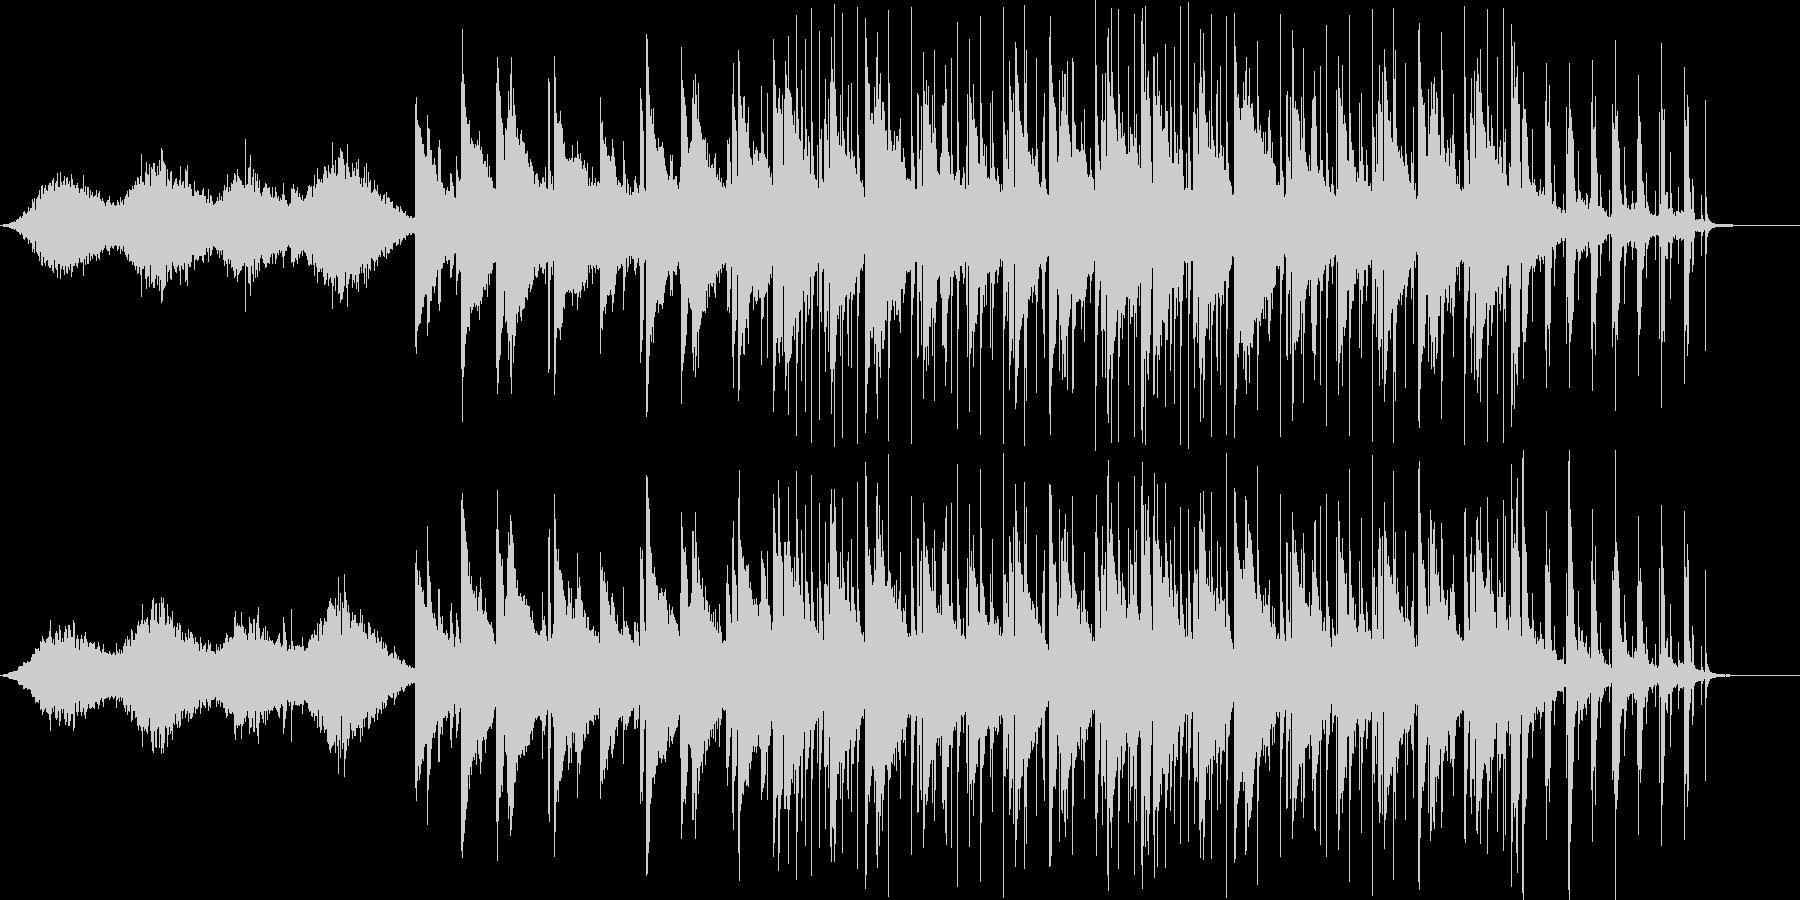 幻想的なピアノとのジャズセッションの未再生の波形